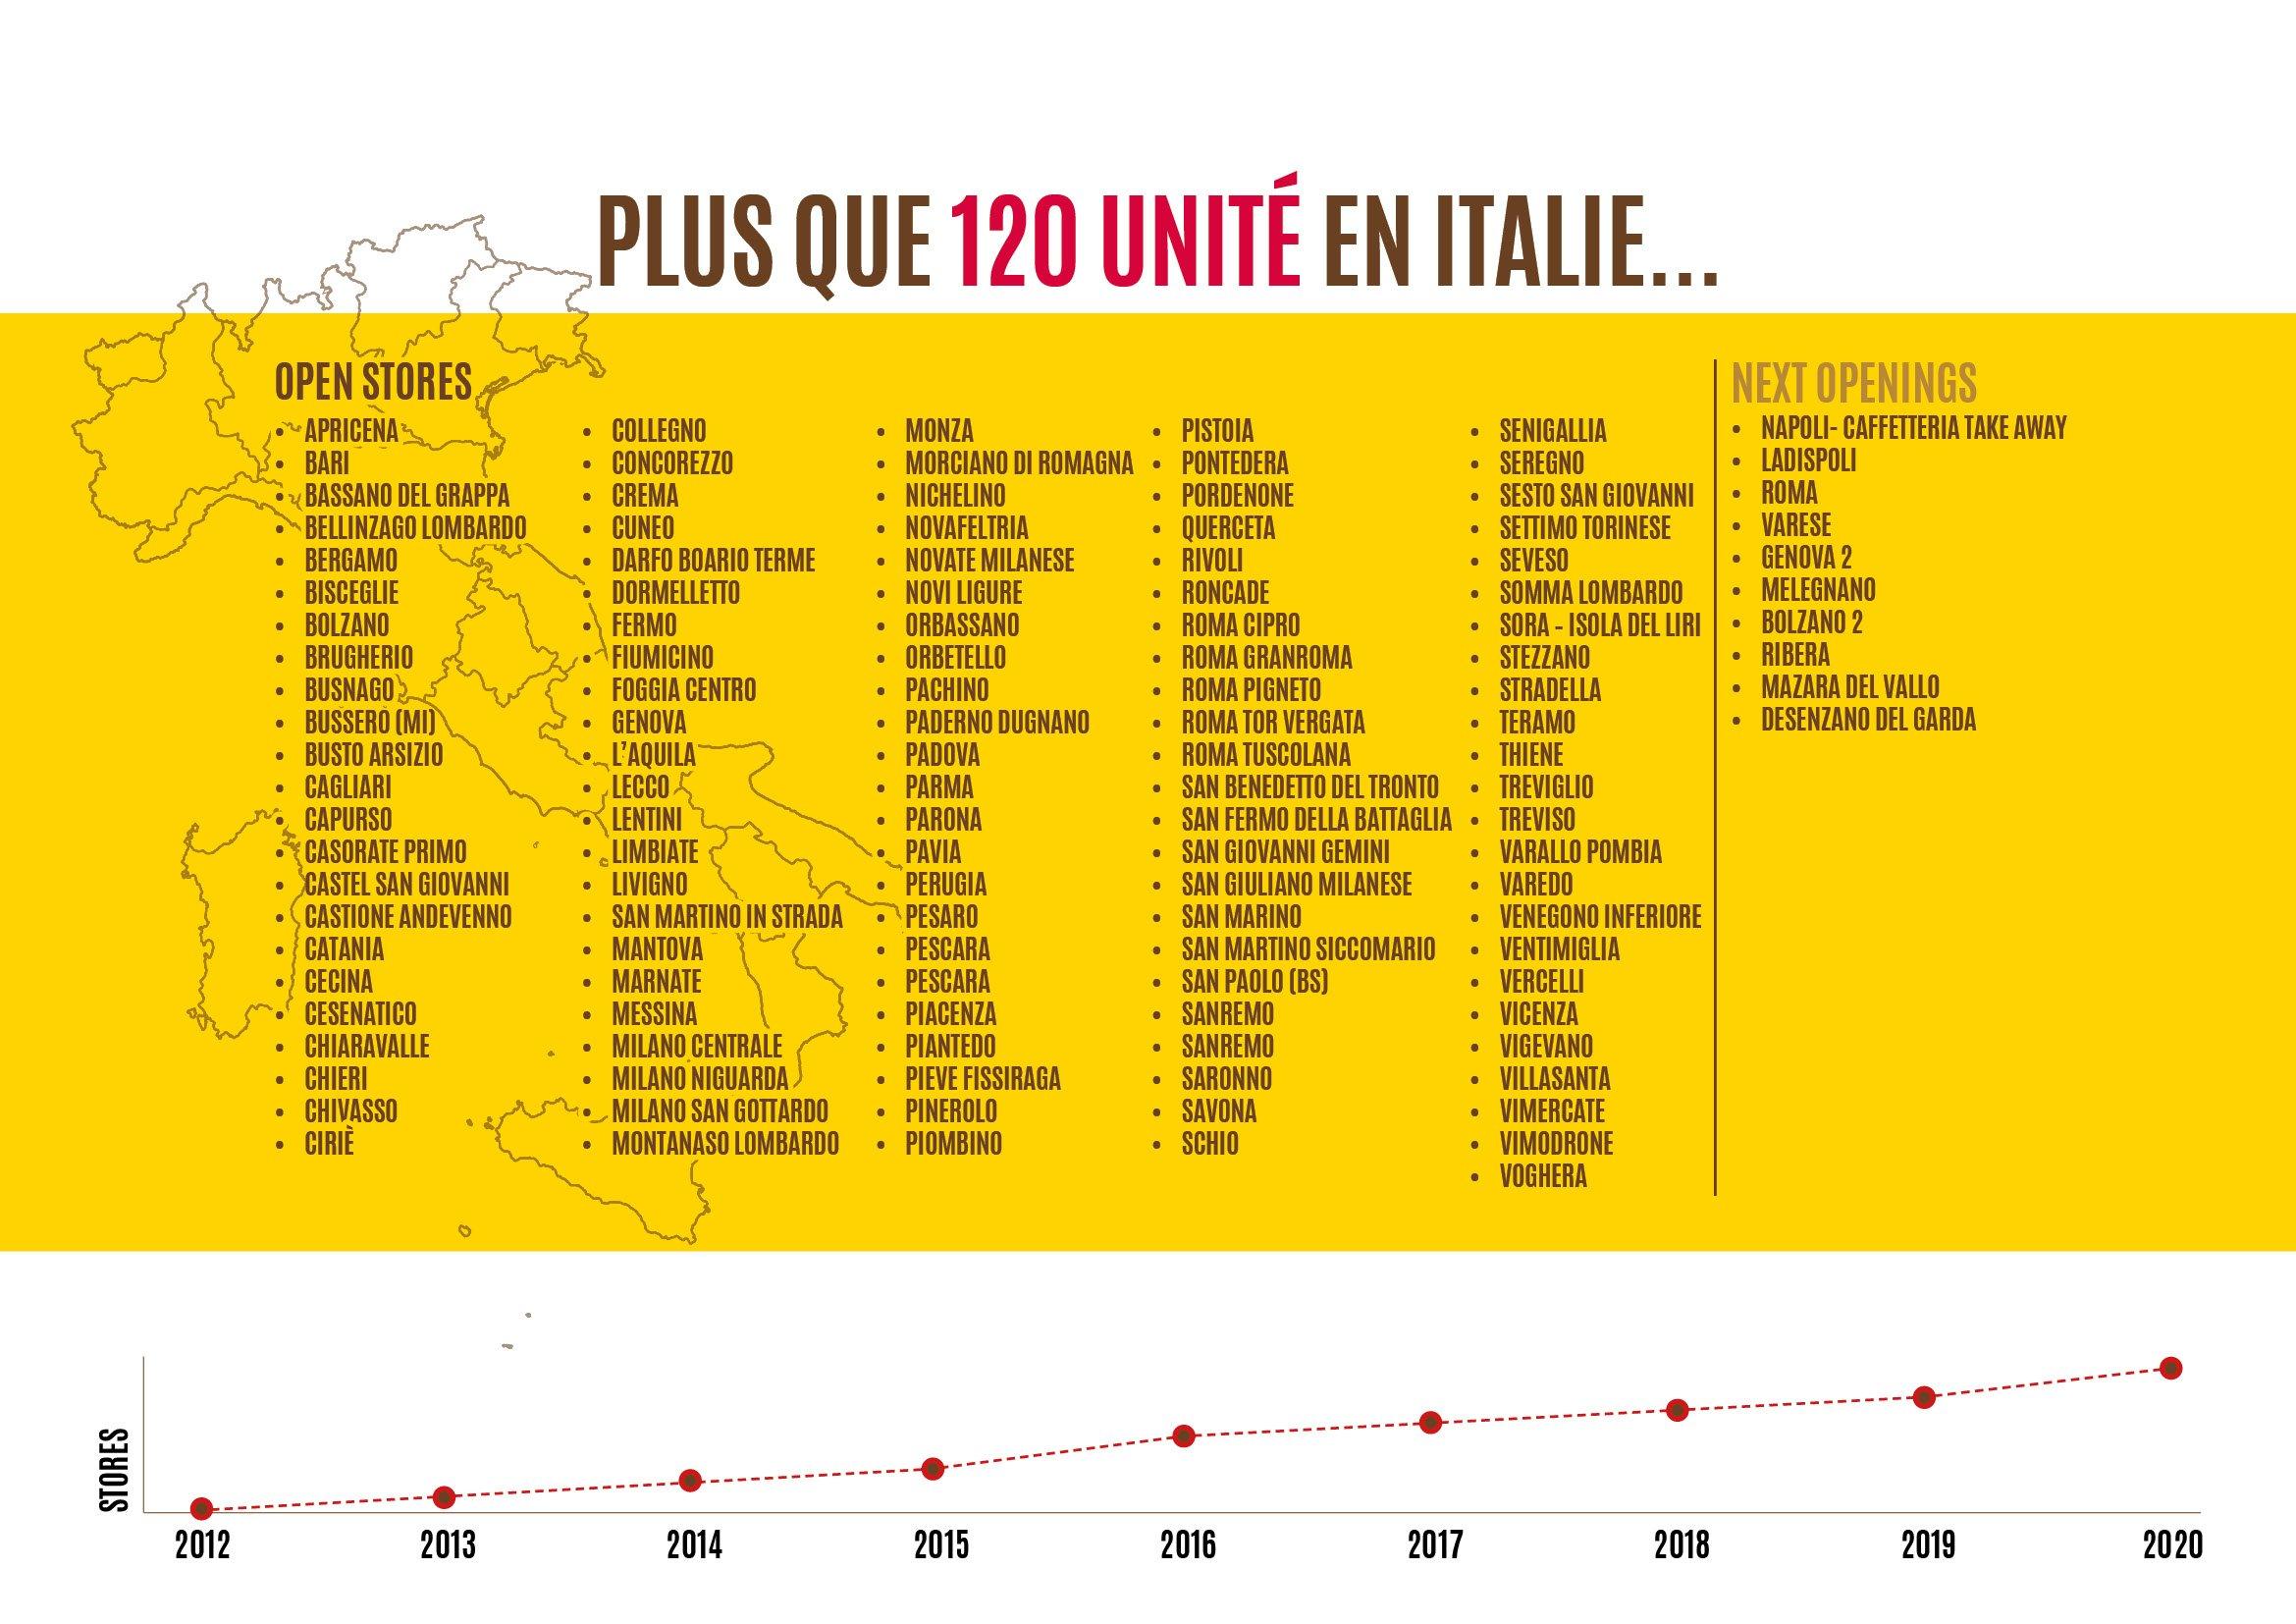 101CAFFE'_unité en Italie